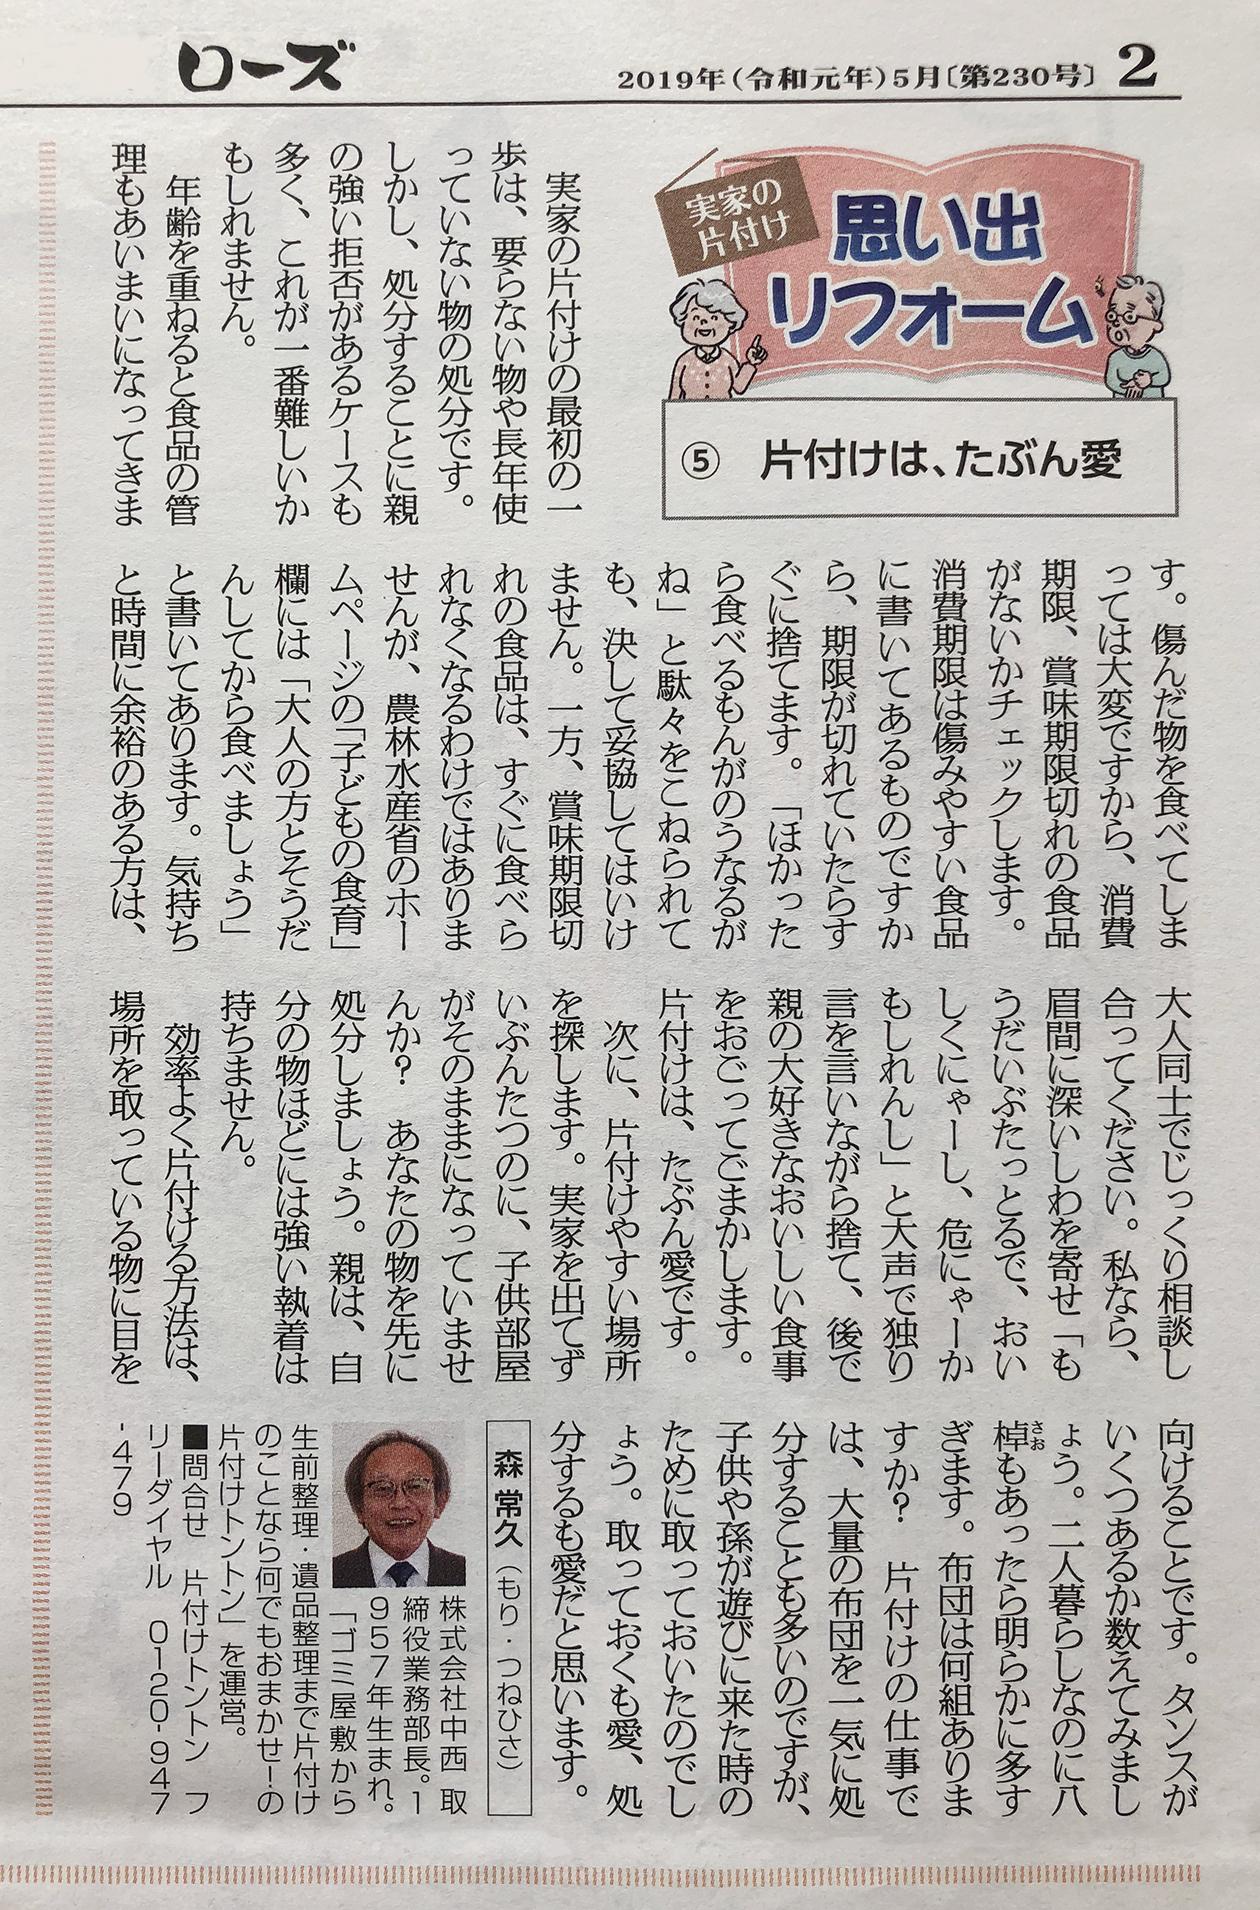 中日新聞朝刊折込 シニア情報紙『ローズ』5月号の写真